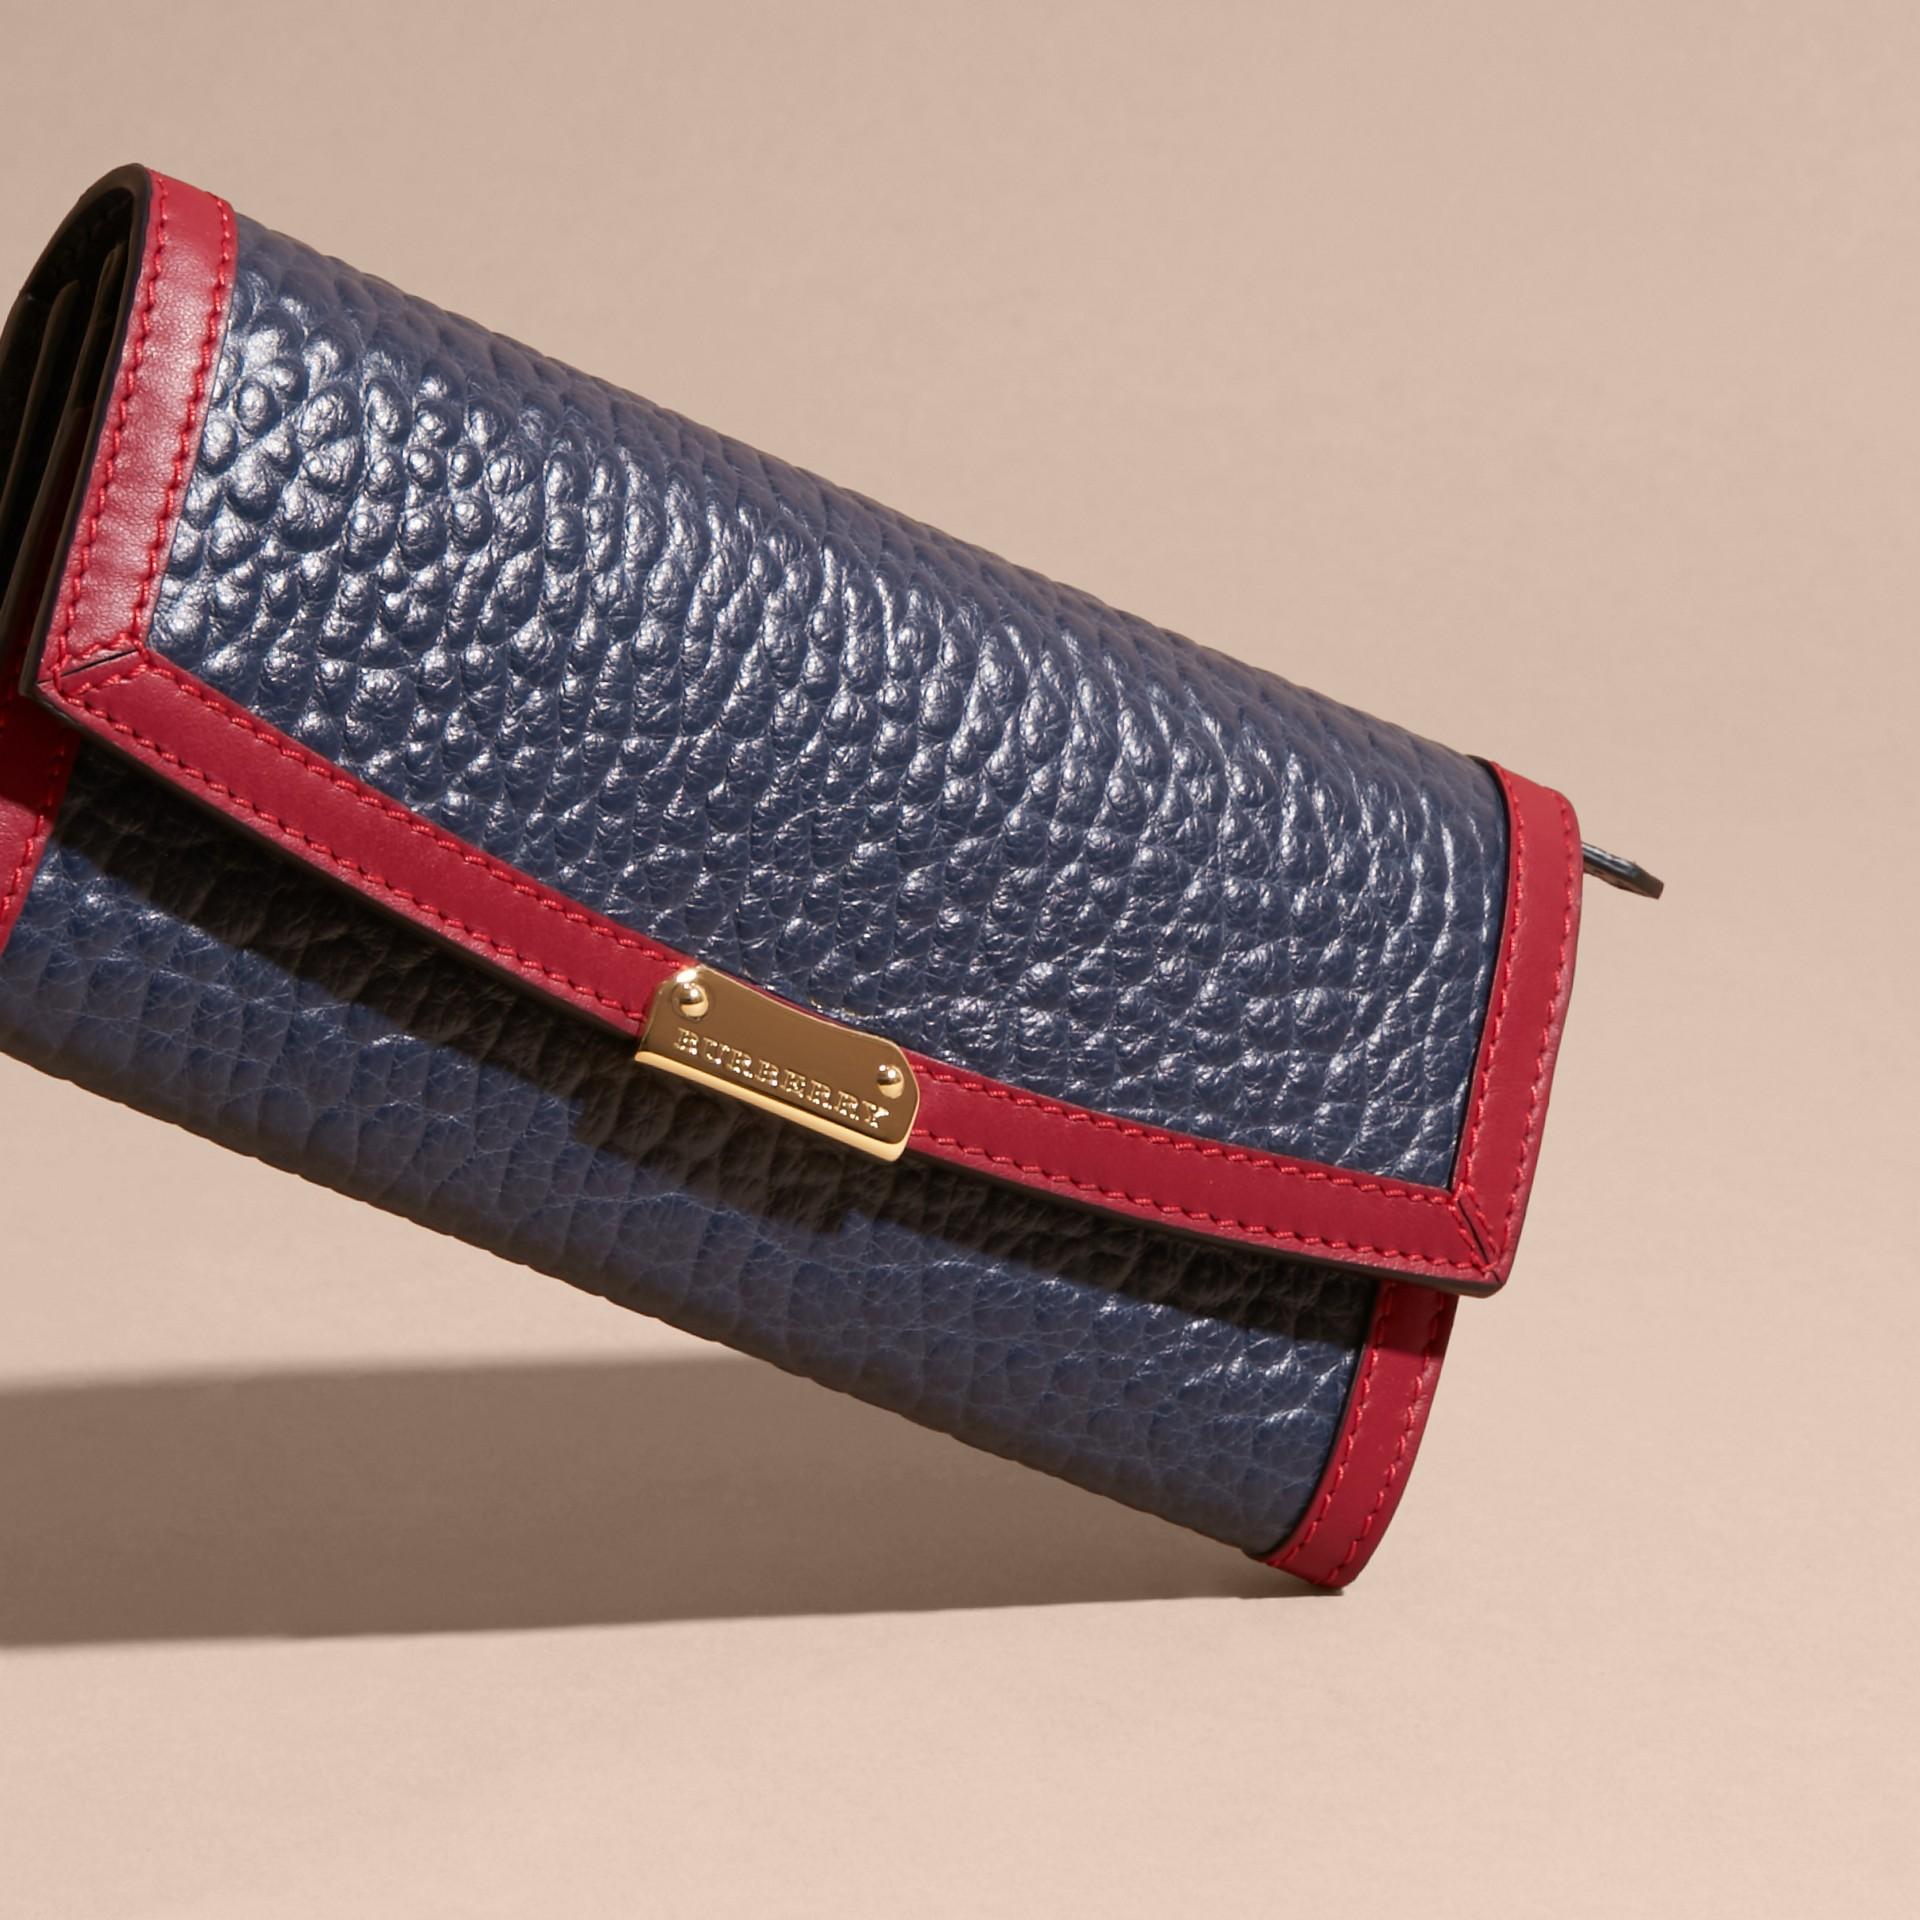 Угольно-синий / парадный красный Классический бумажник из зернистой кожи с окантовкой - изображение 3